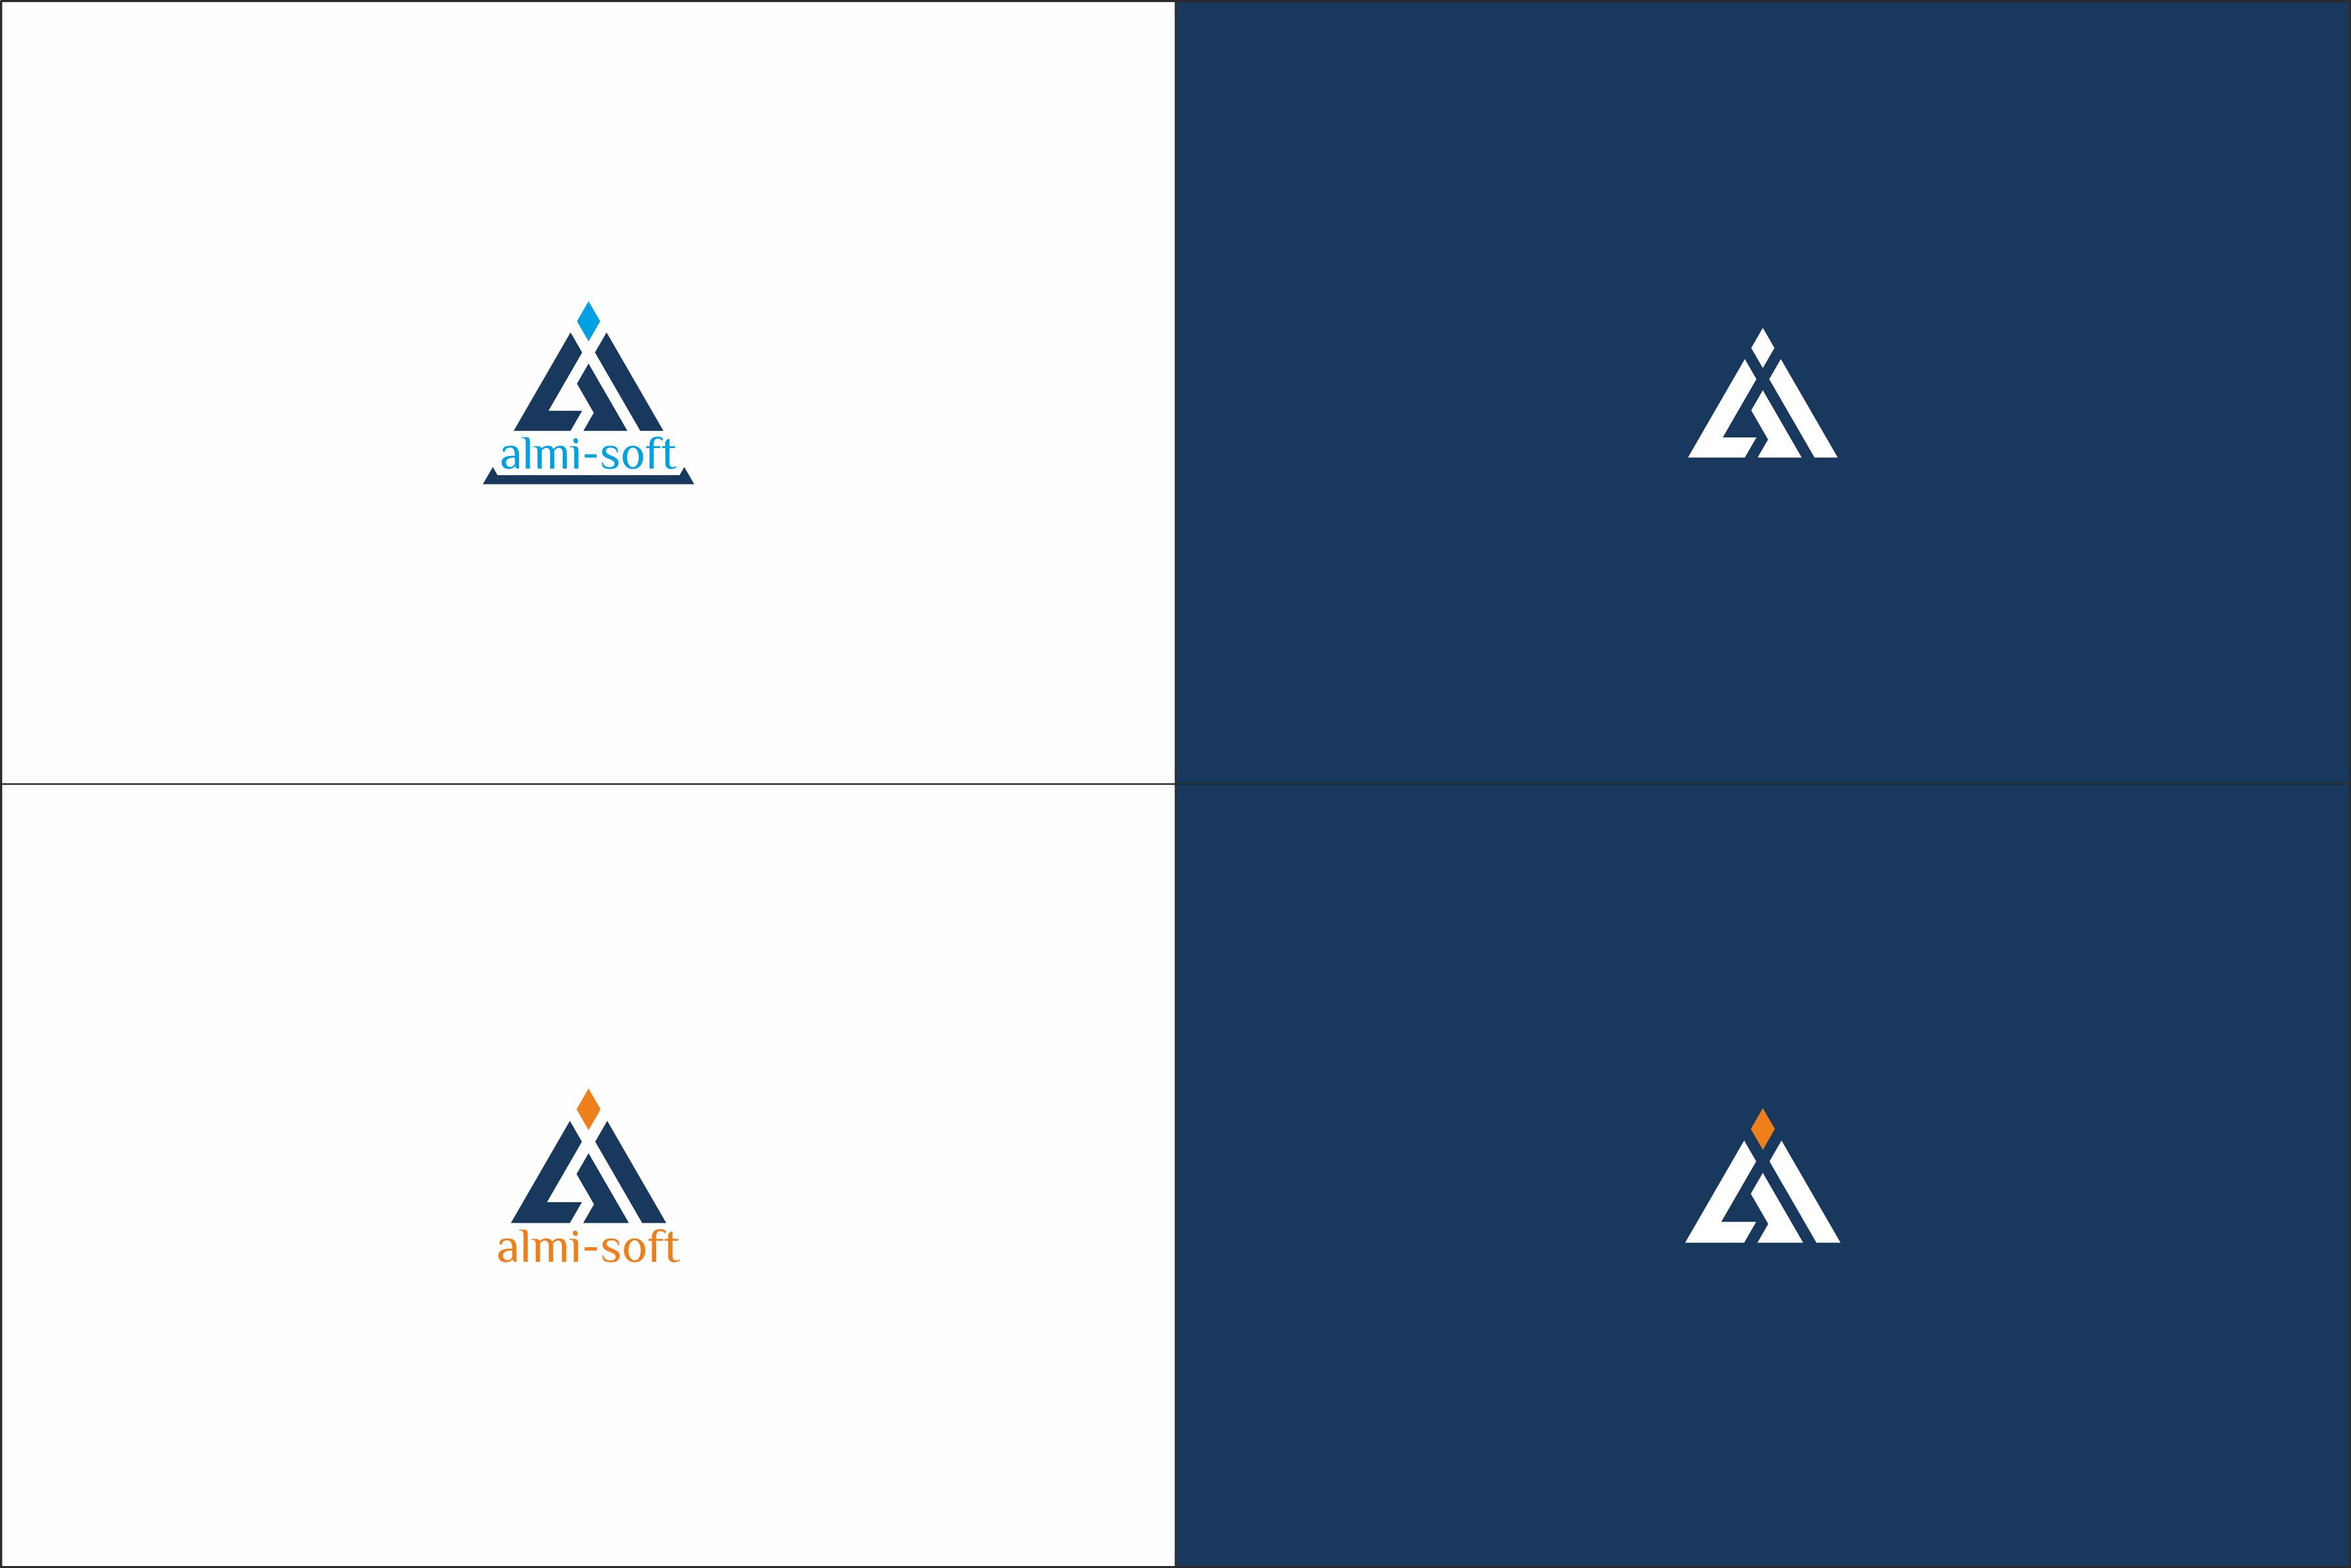 Разработка логотипа и фона фото f_358599290f322626.png